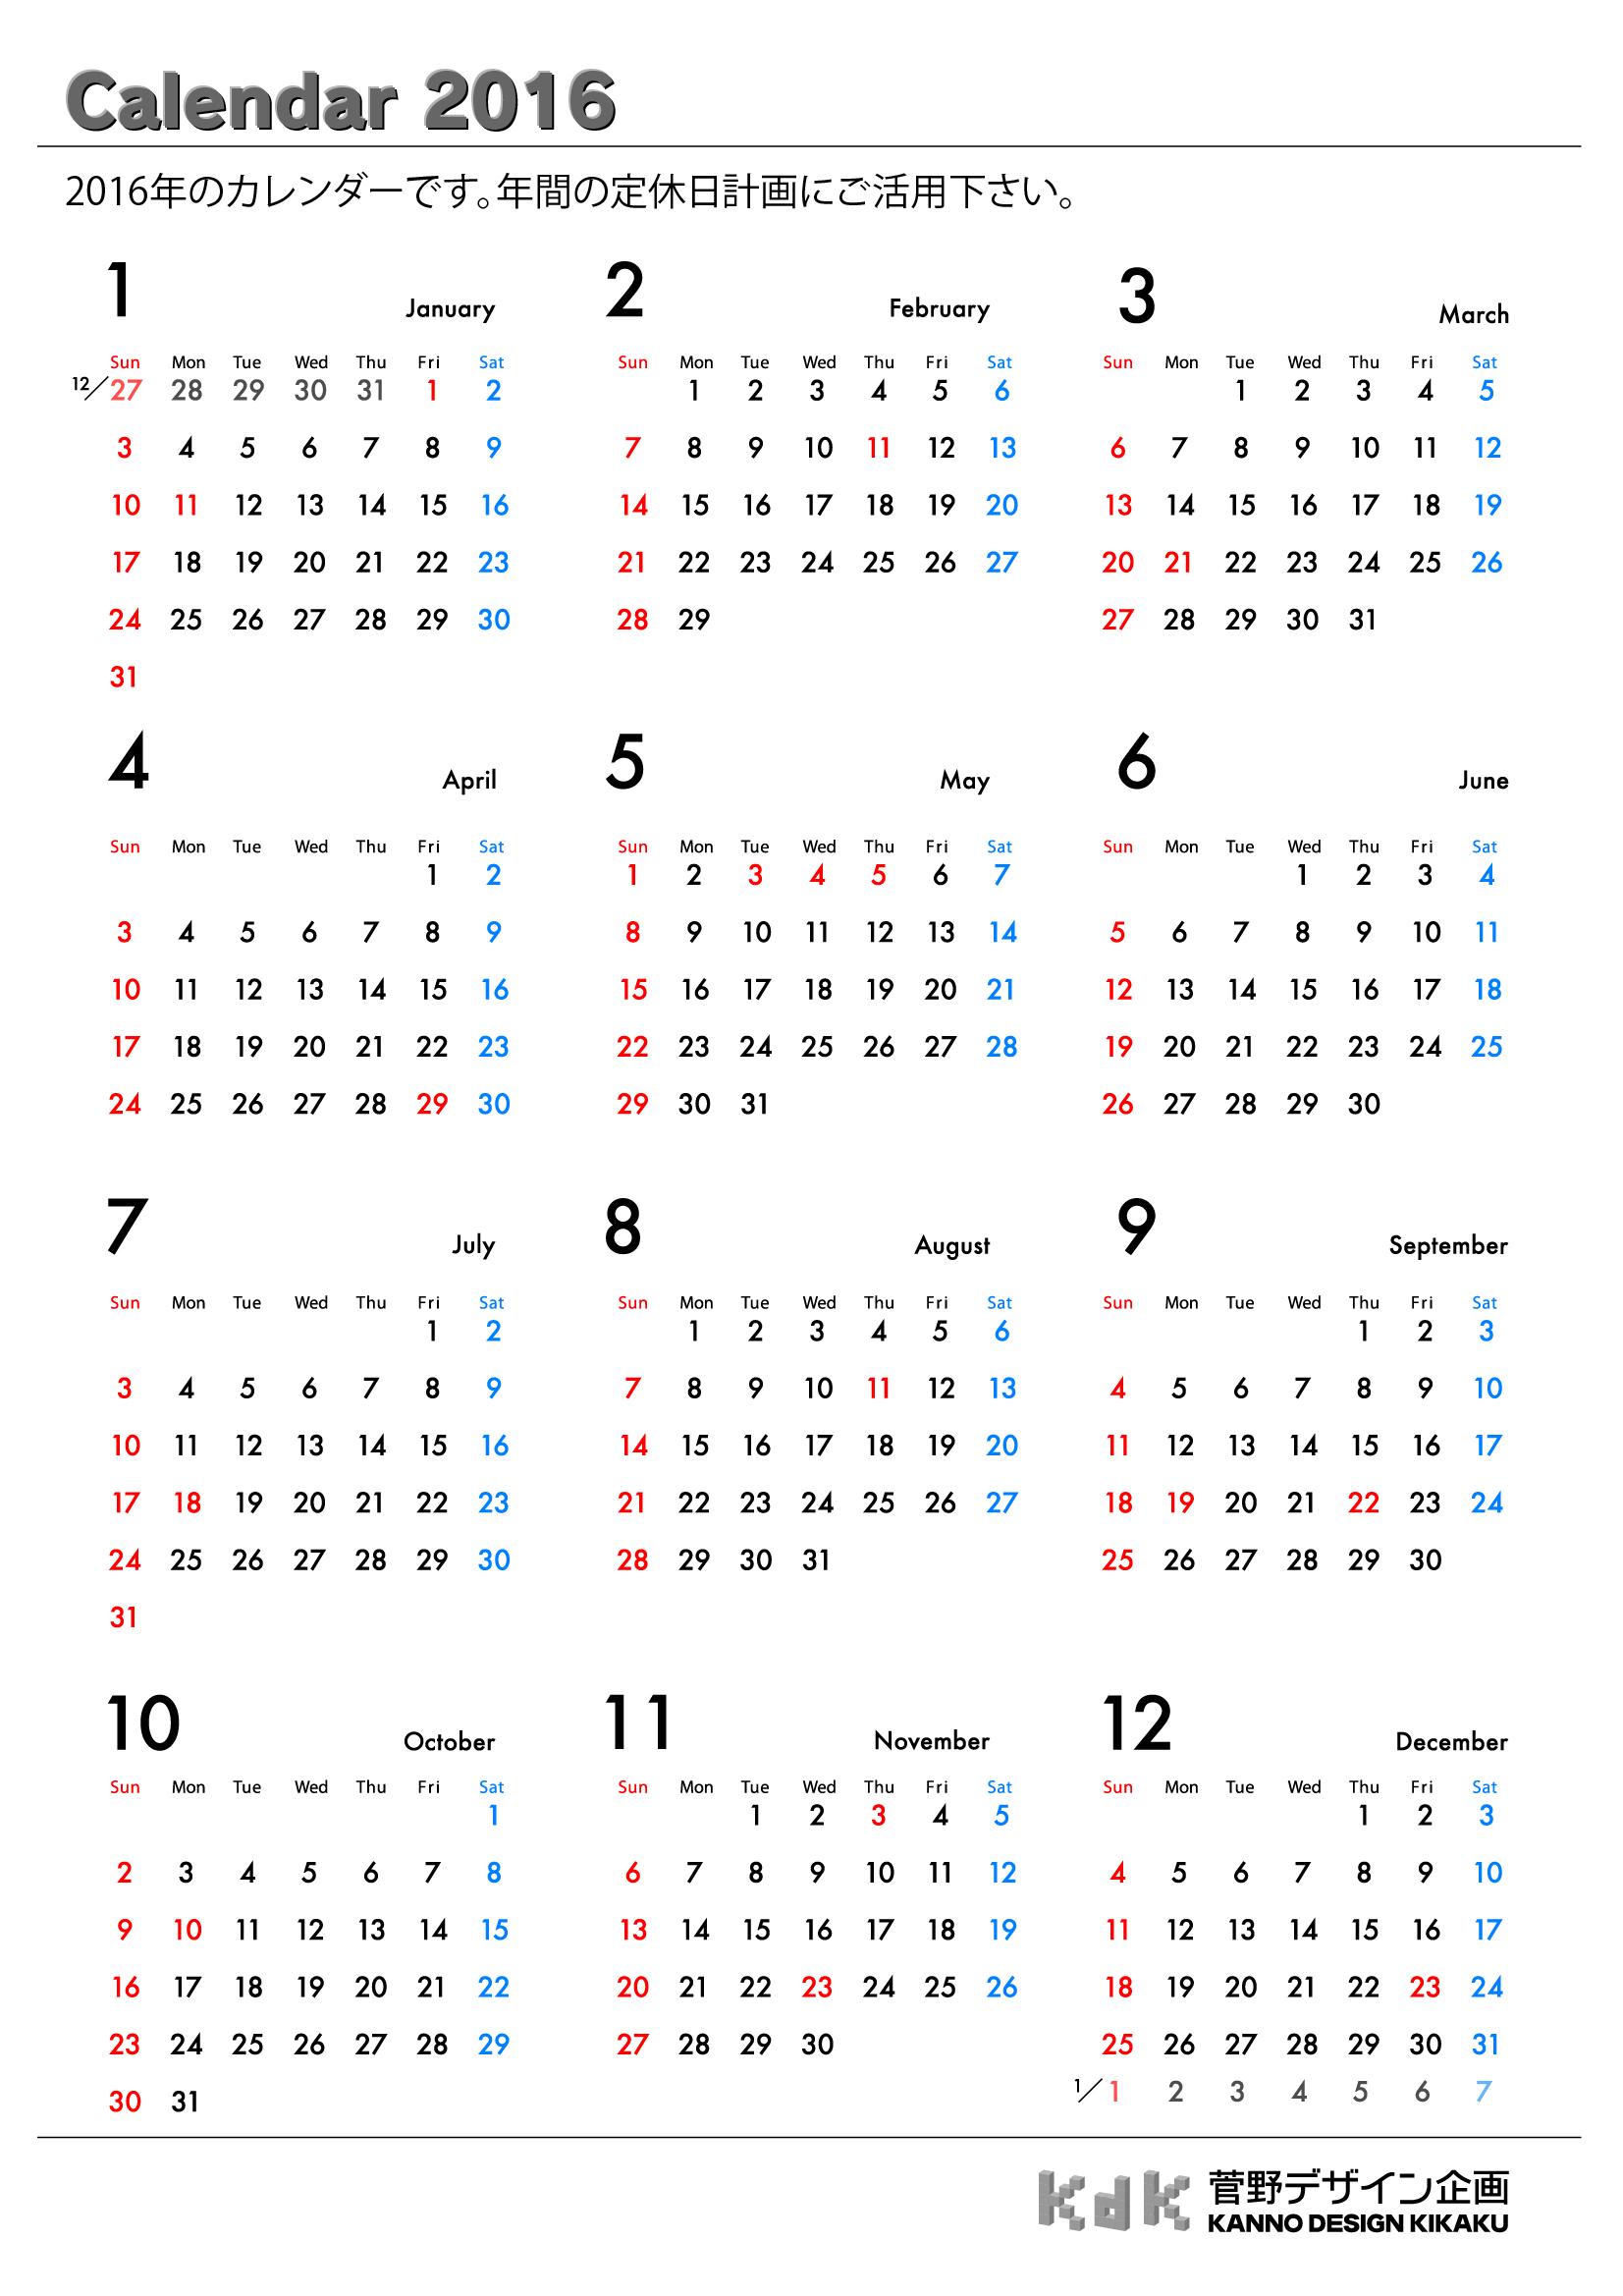 カレンダー : 28年度カレンダー ...